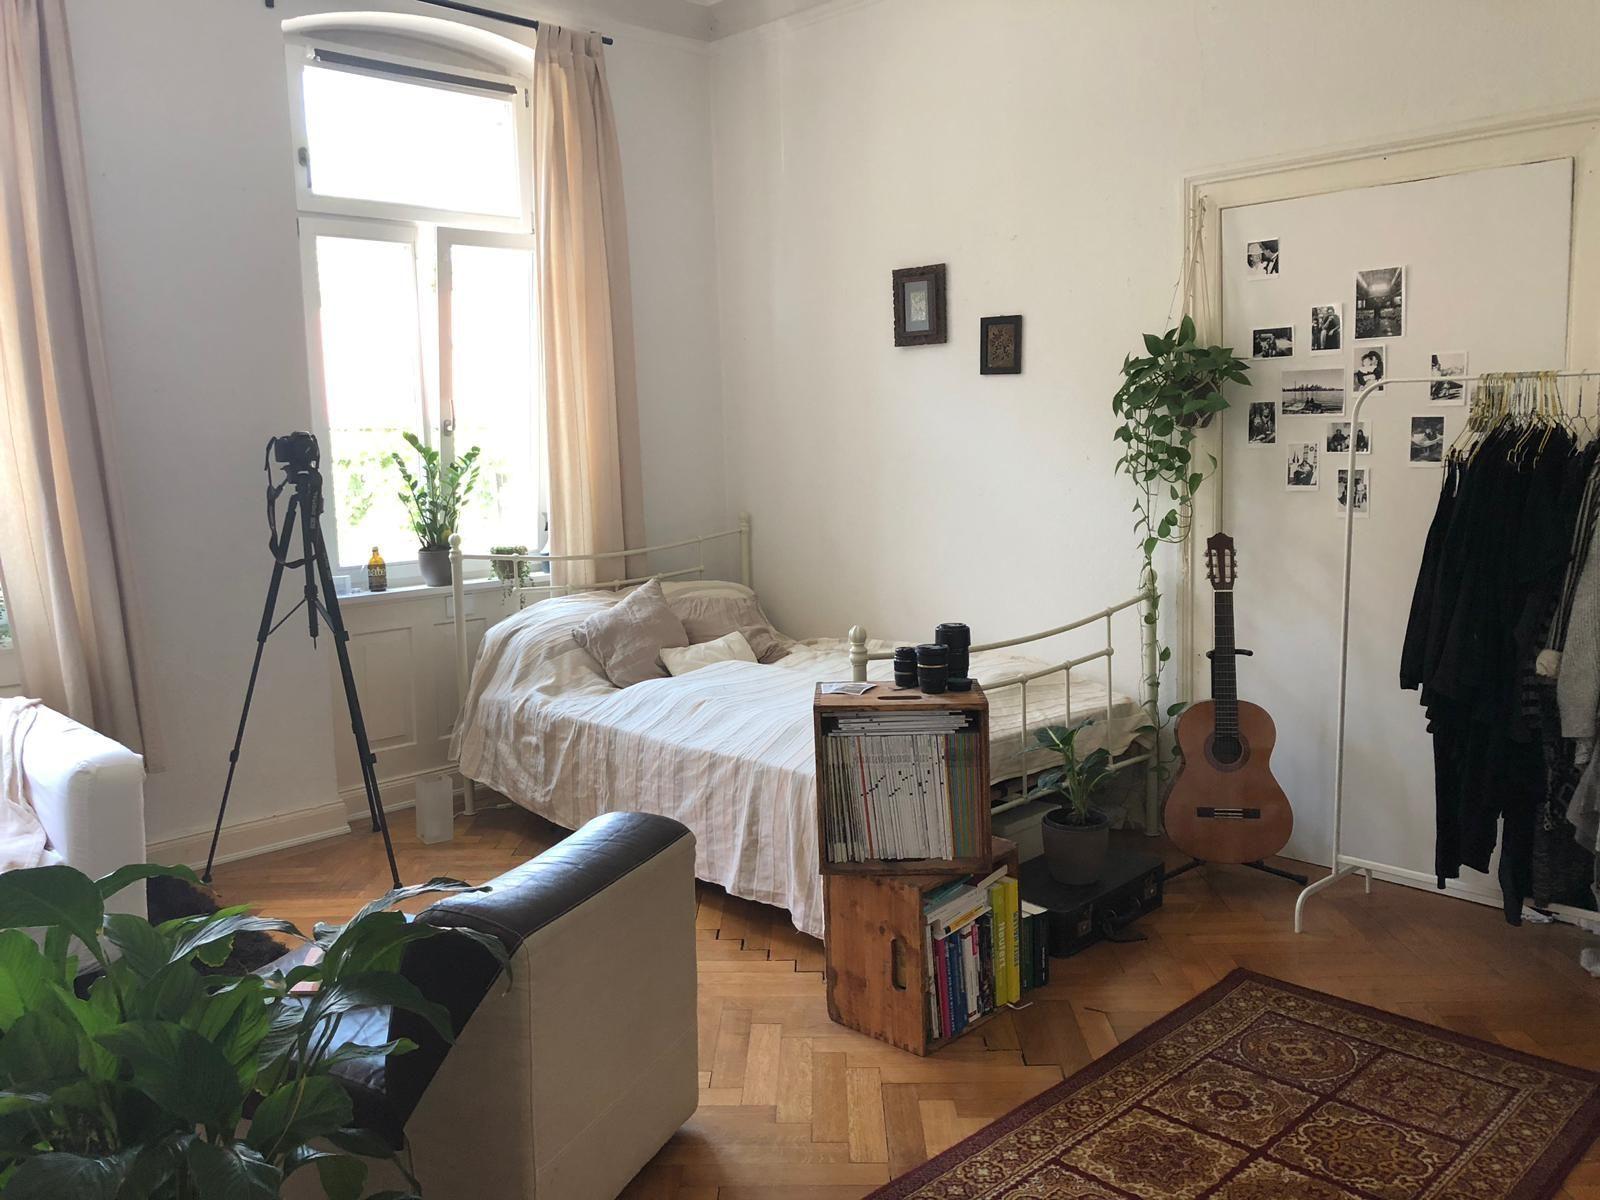 Schönes, helles und grünes Zimmer in einer Altbau-WG  Reduzierte Einrichtung, ... - #aesthetic room white